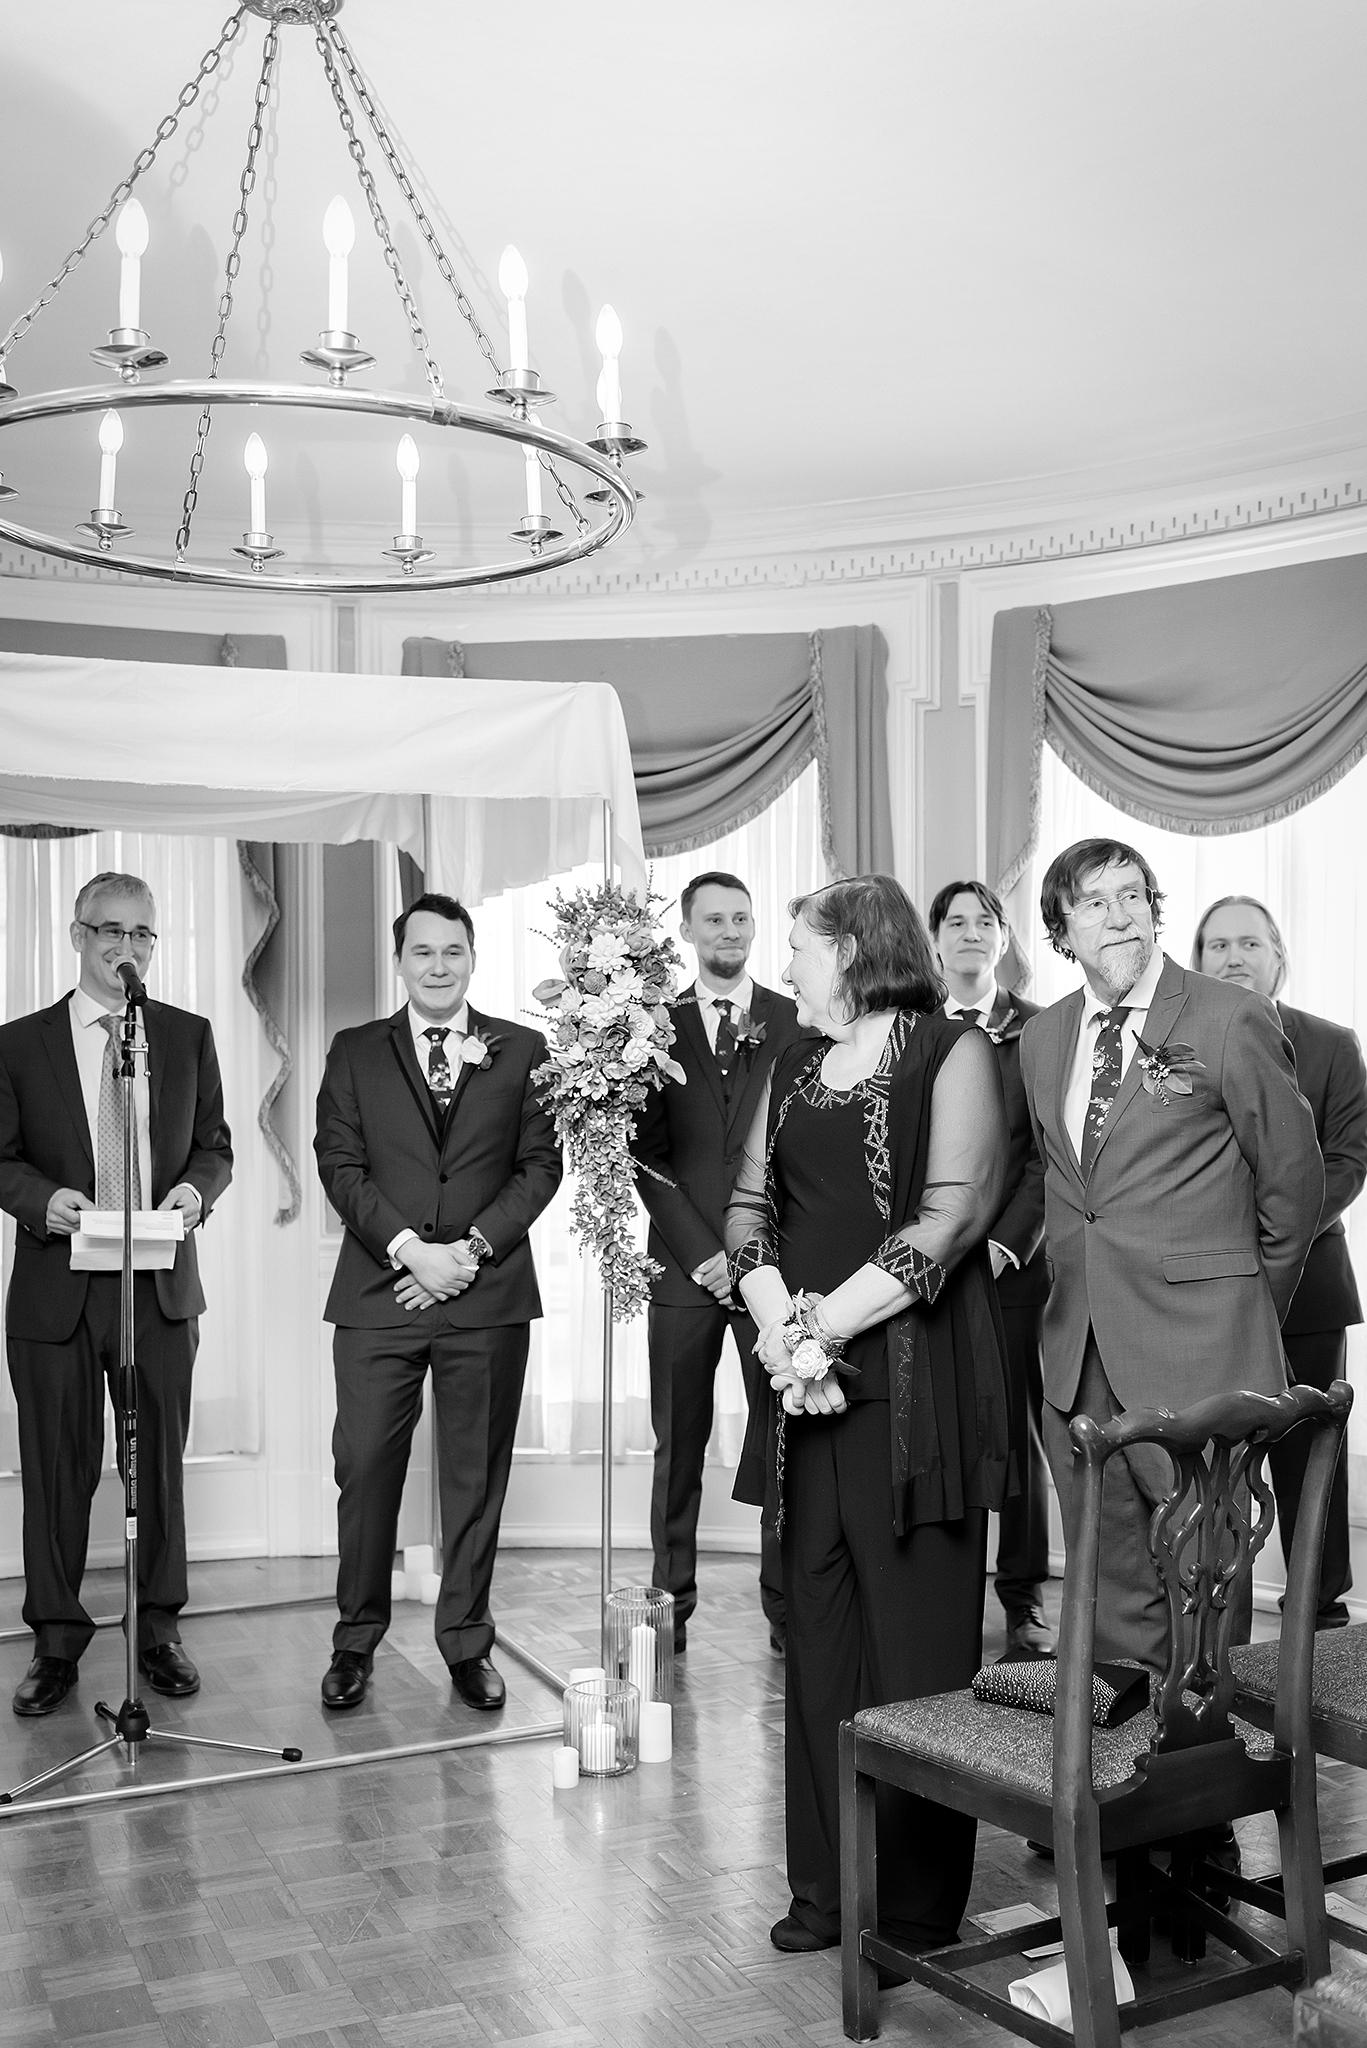 Lindsay-Adkins-Photography-Toled-Club-Wedding-Toledo-Ohio-Wedding